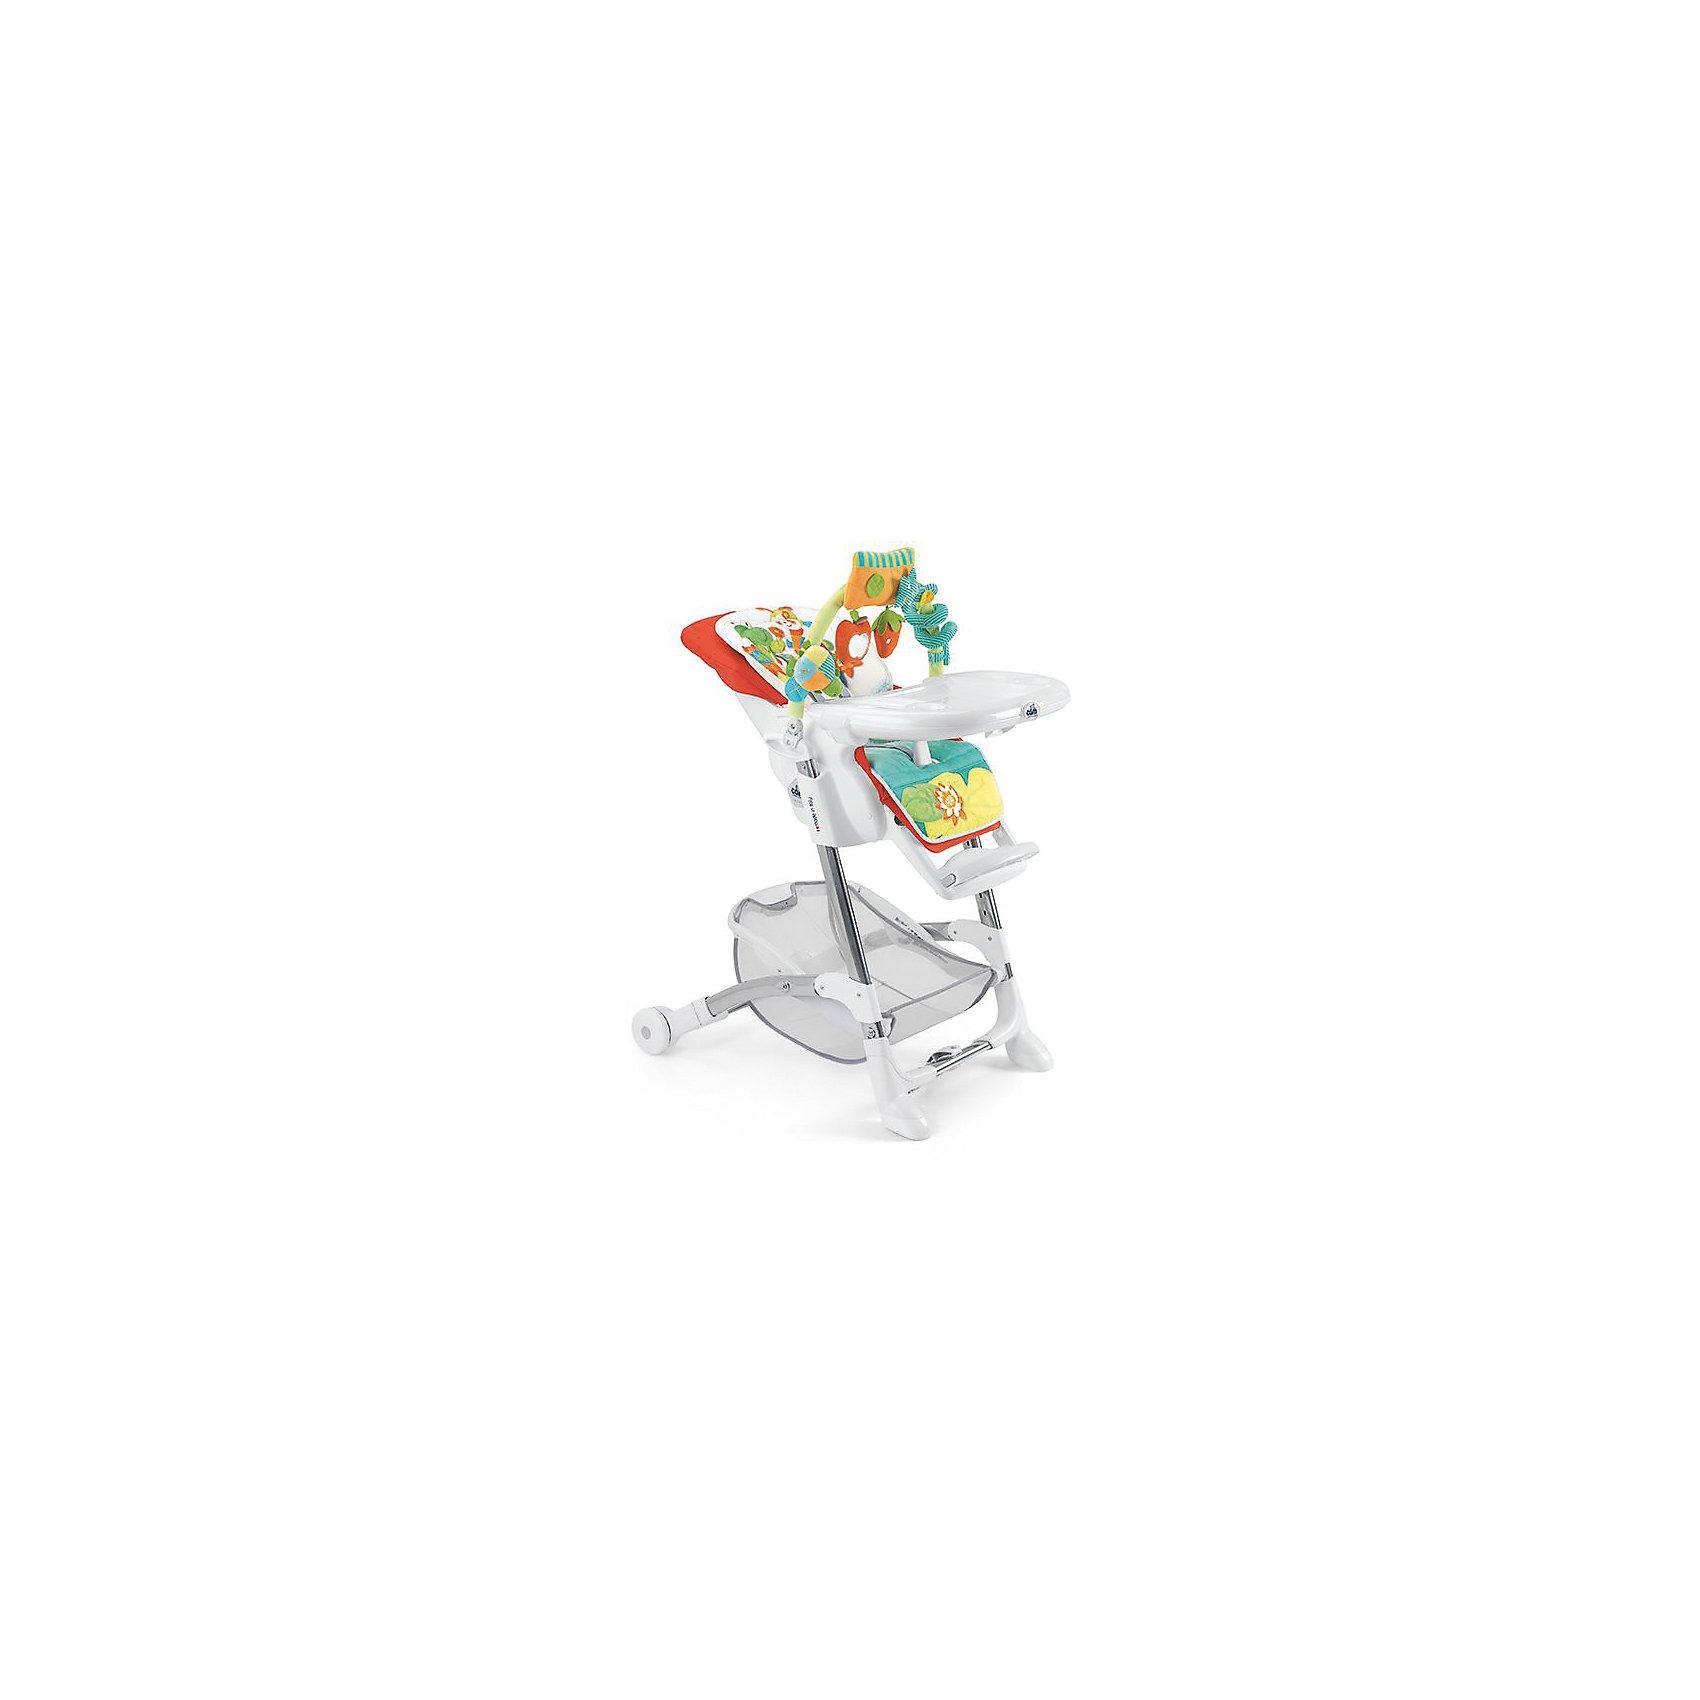 Стульчик для кормления Istante, CAM, коралловый с божьей коровкойСтульчик для кормления Istante, CAM, коралловый с божьей коровкой обеспечивает удобство при кормлении.<br>Очень компактный и легкий стул создает максимальный комфорт для ребенка. Он регулируется: наклон спинки (4 режима), положение и высота опоры для ног (3 режима), регулировка высоты стула (7 режимов). Поднос можно снять, он также регулируется в 4 режимах. Кроме того, у стульчика чехол из искусственной кожи, который можно снять и легко помыть. Два колеса спереди обеспечивают удобное перемещение, но не скользят от движений ребенка. Для безопасности ребенка 5-точечный ремень безопасности. Есть отделение, в котором можно хранить продукты. Также есть крепление для игрушек, которым можно занять малыша, пока готовится обед. Оно легко «откидывается» назад, когда пришло время кушать. <br><br>Дополнительная информация:<br><br>- размер в открытом виде: 62х84х109 см<br>- размер в сложенном виде: 56х35х99.5см<br>- возрастная группа: от 0 месяцев<br>- цвет: коралловый<br>- в комплекте: 2 подноса<br><br>Стульчик для кормления Istante, CAM, коралловый с божьей коровкой можно купить в нашем интернет магазине.<br><br>Ширина мм: 587<br>Глубина мм: 272<br>Высота мм: 970<br>Вес г: 12500<br>Возраст от месяцев: 0<br>Возраст до месяцев: 36<br>Пол: Унисекс<br>Возраст: Детский<br>SKU: 4026477